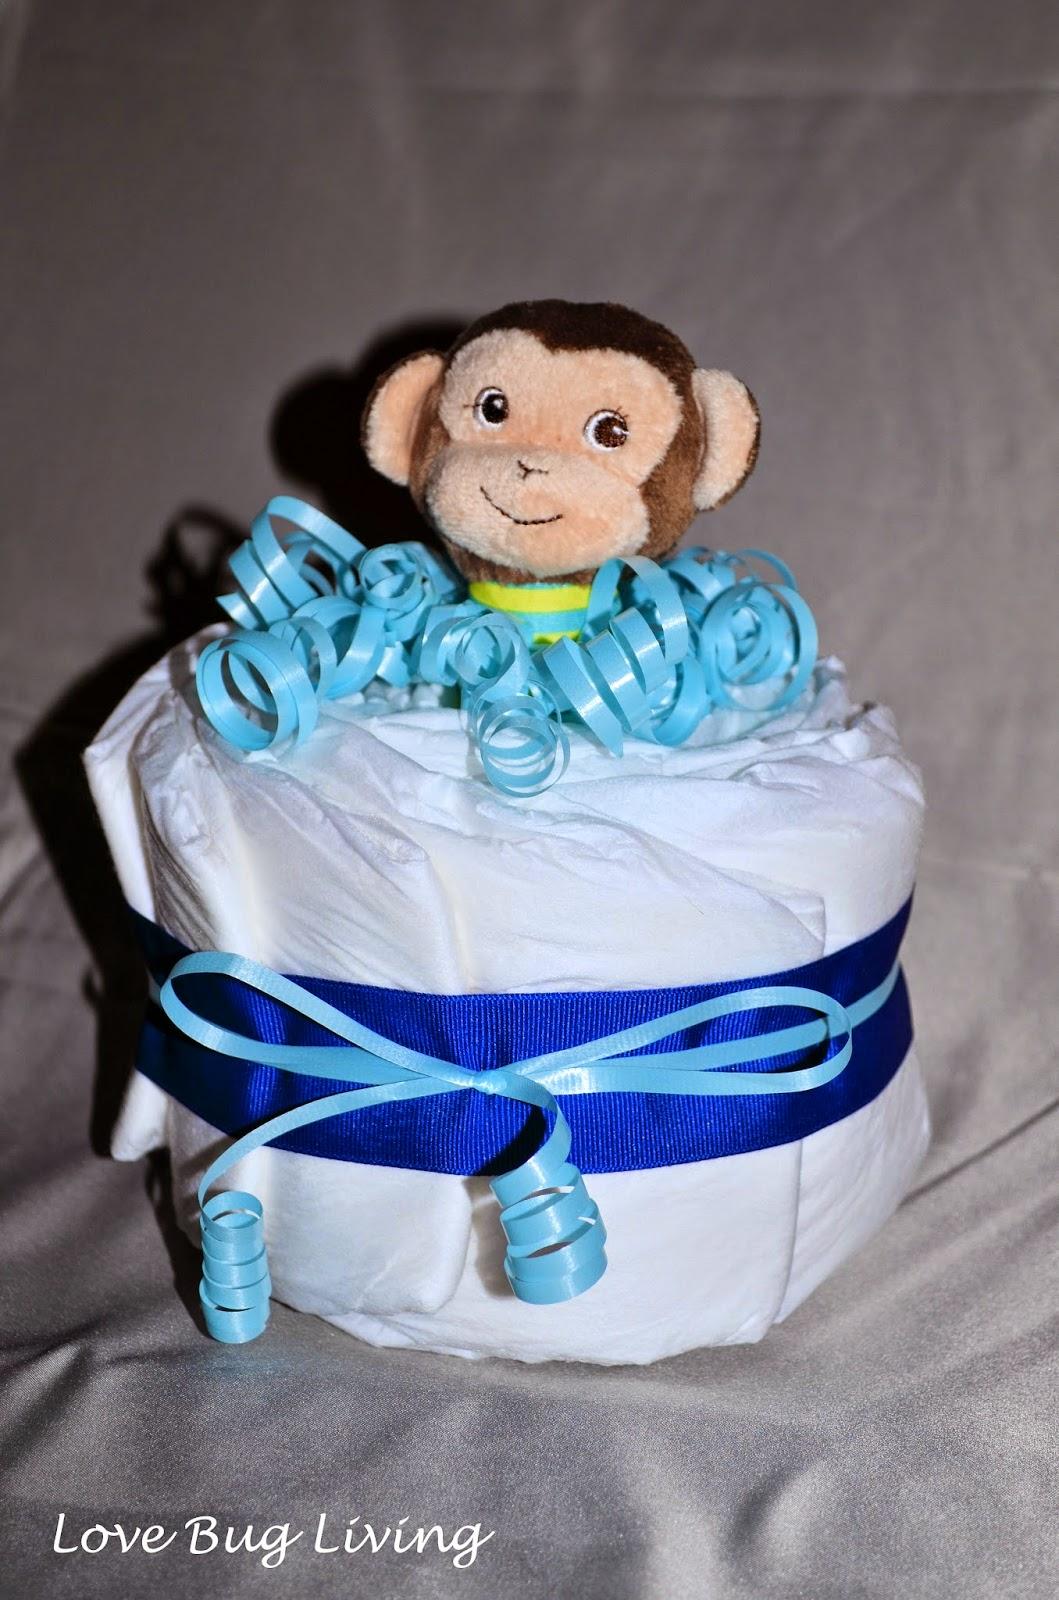 Love Bug Living Swaddled Diaper Baby Amp Mini Cake Gift